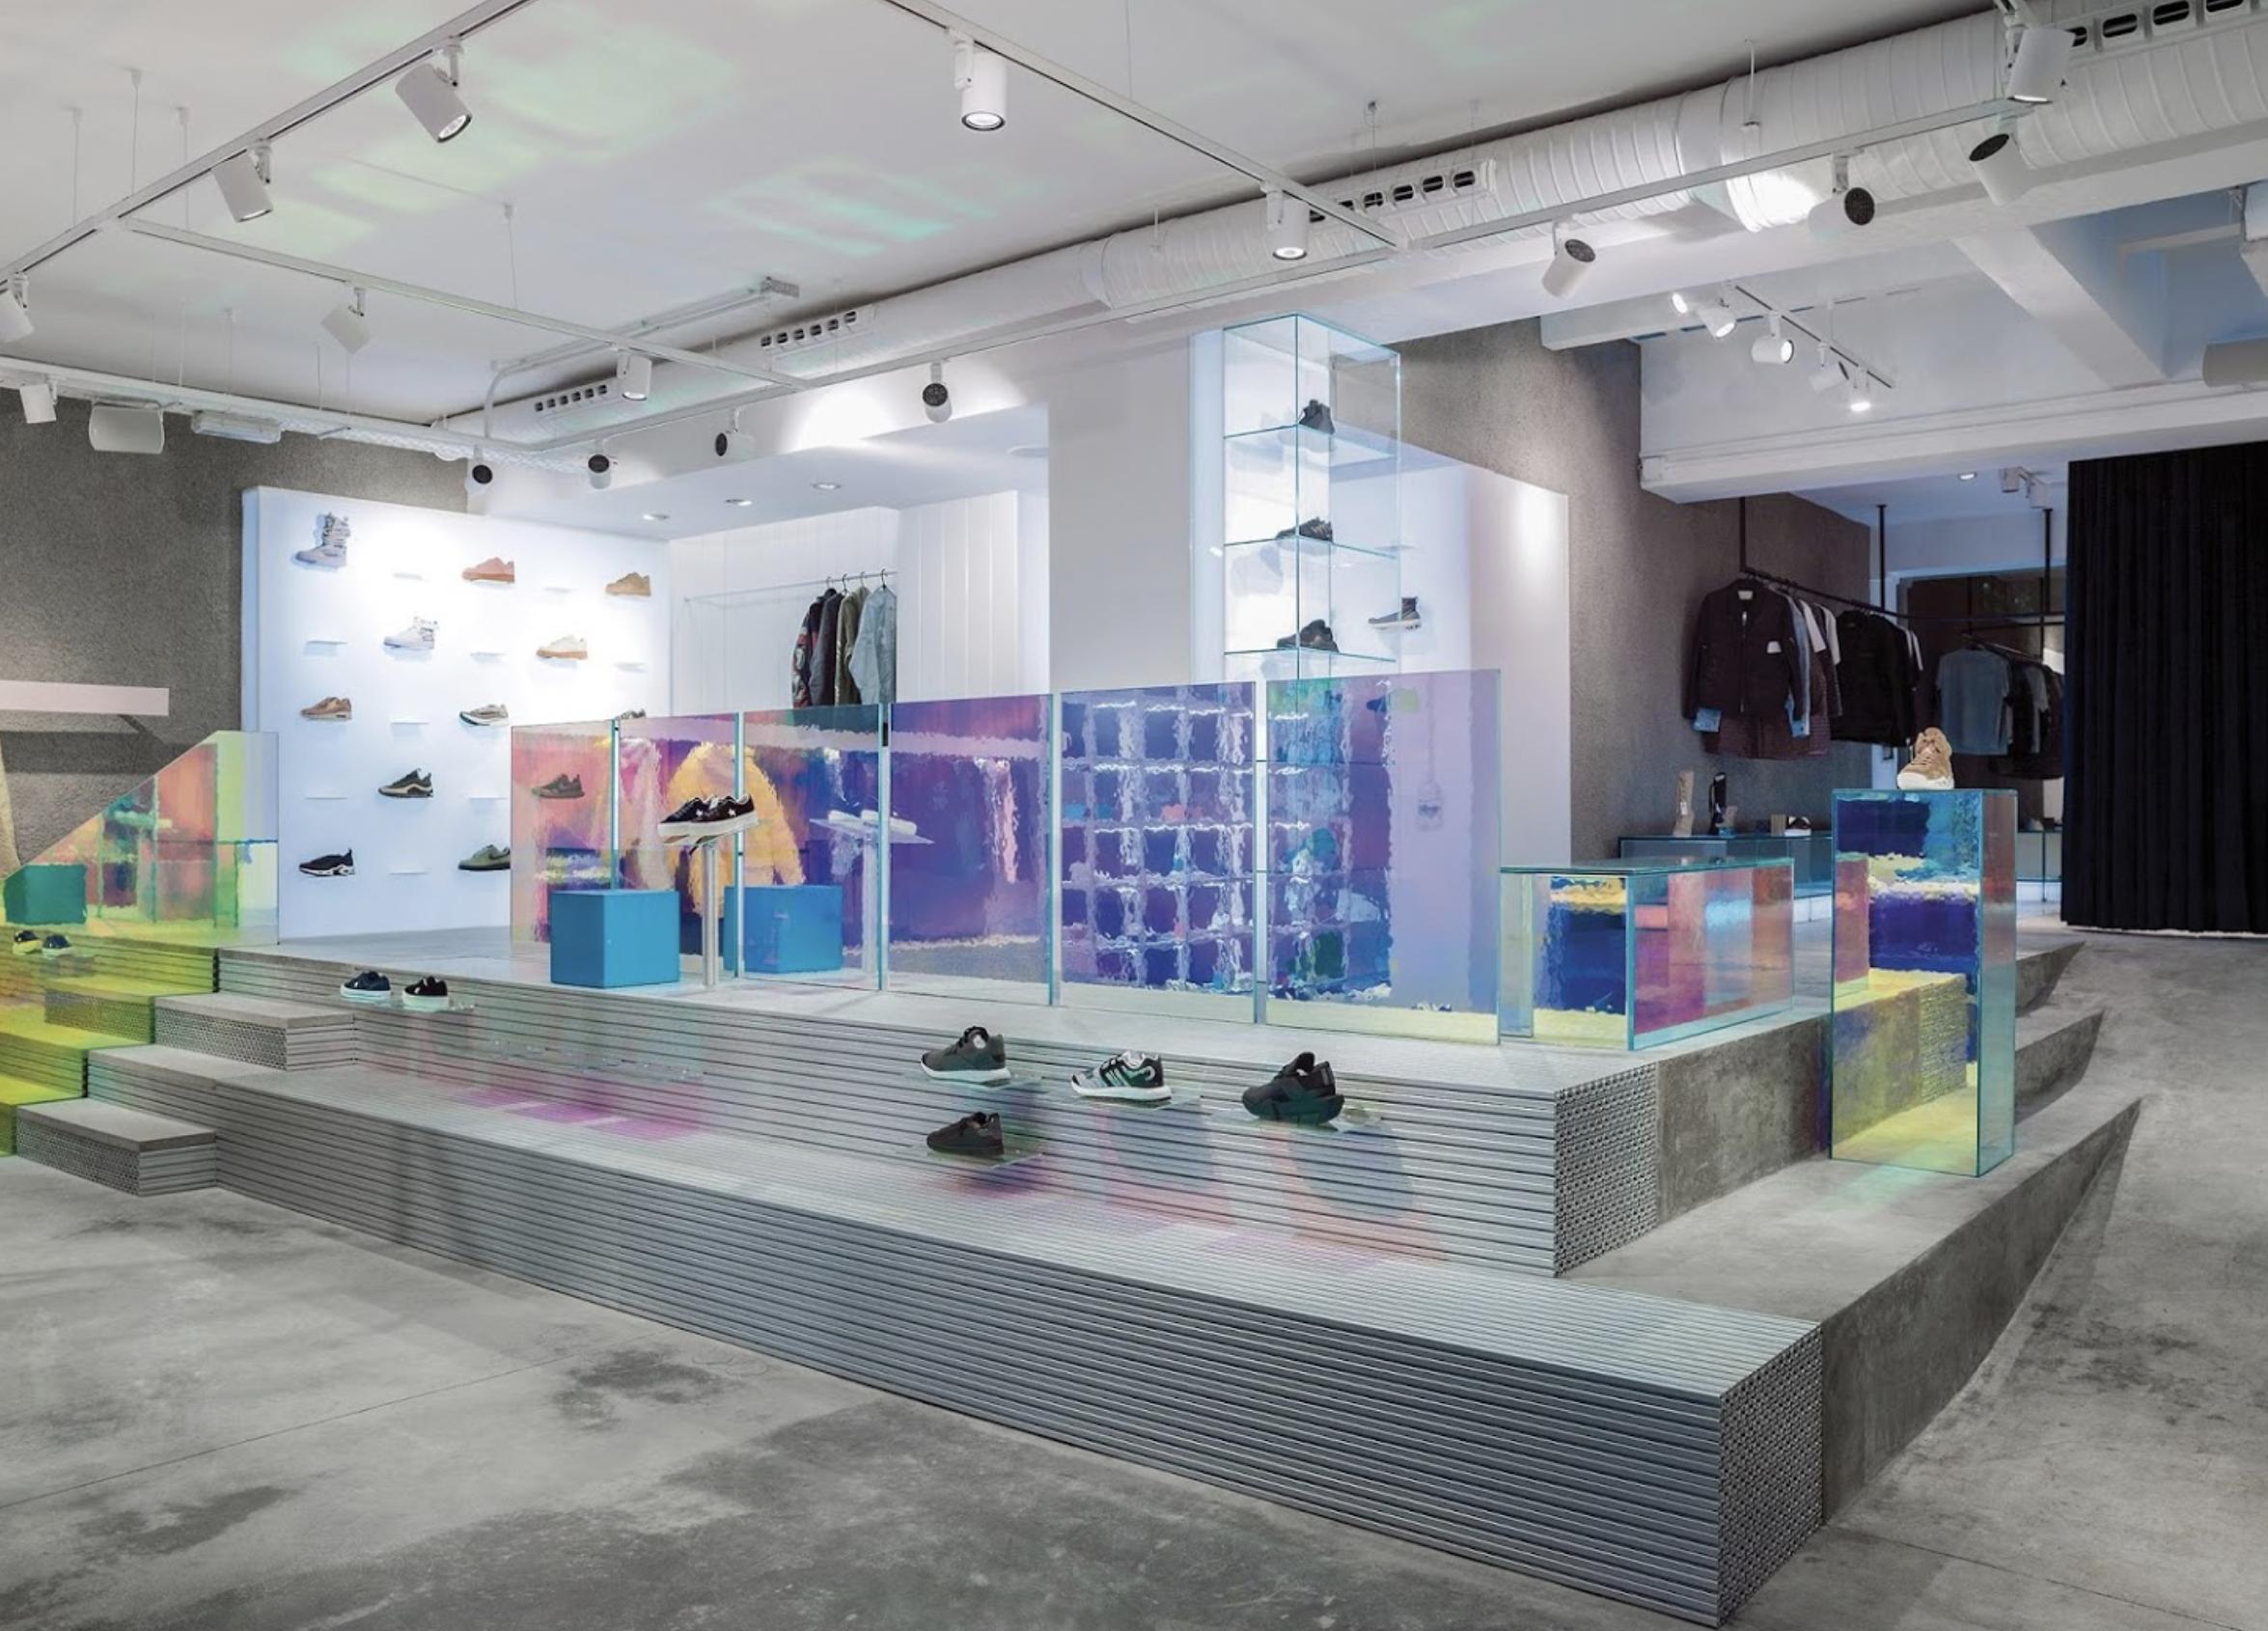 6 tiendas para fanáticos de sneakers y zapatillas únicas